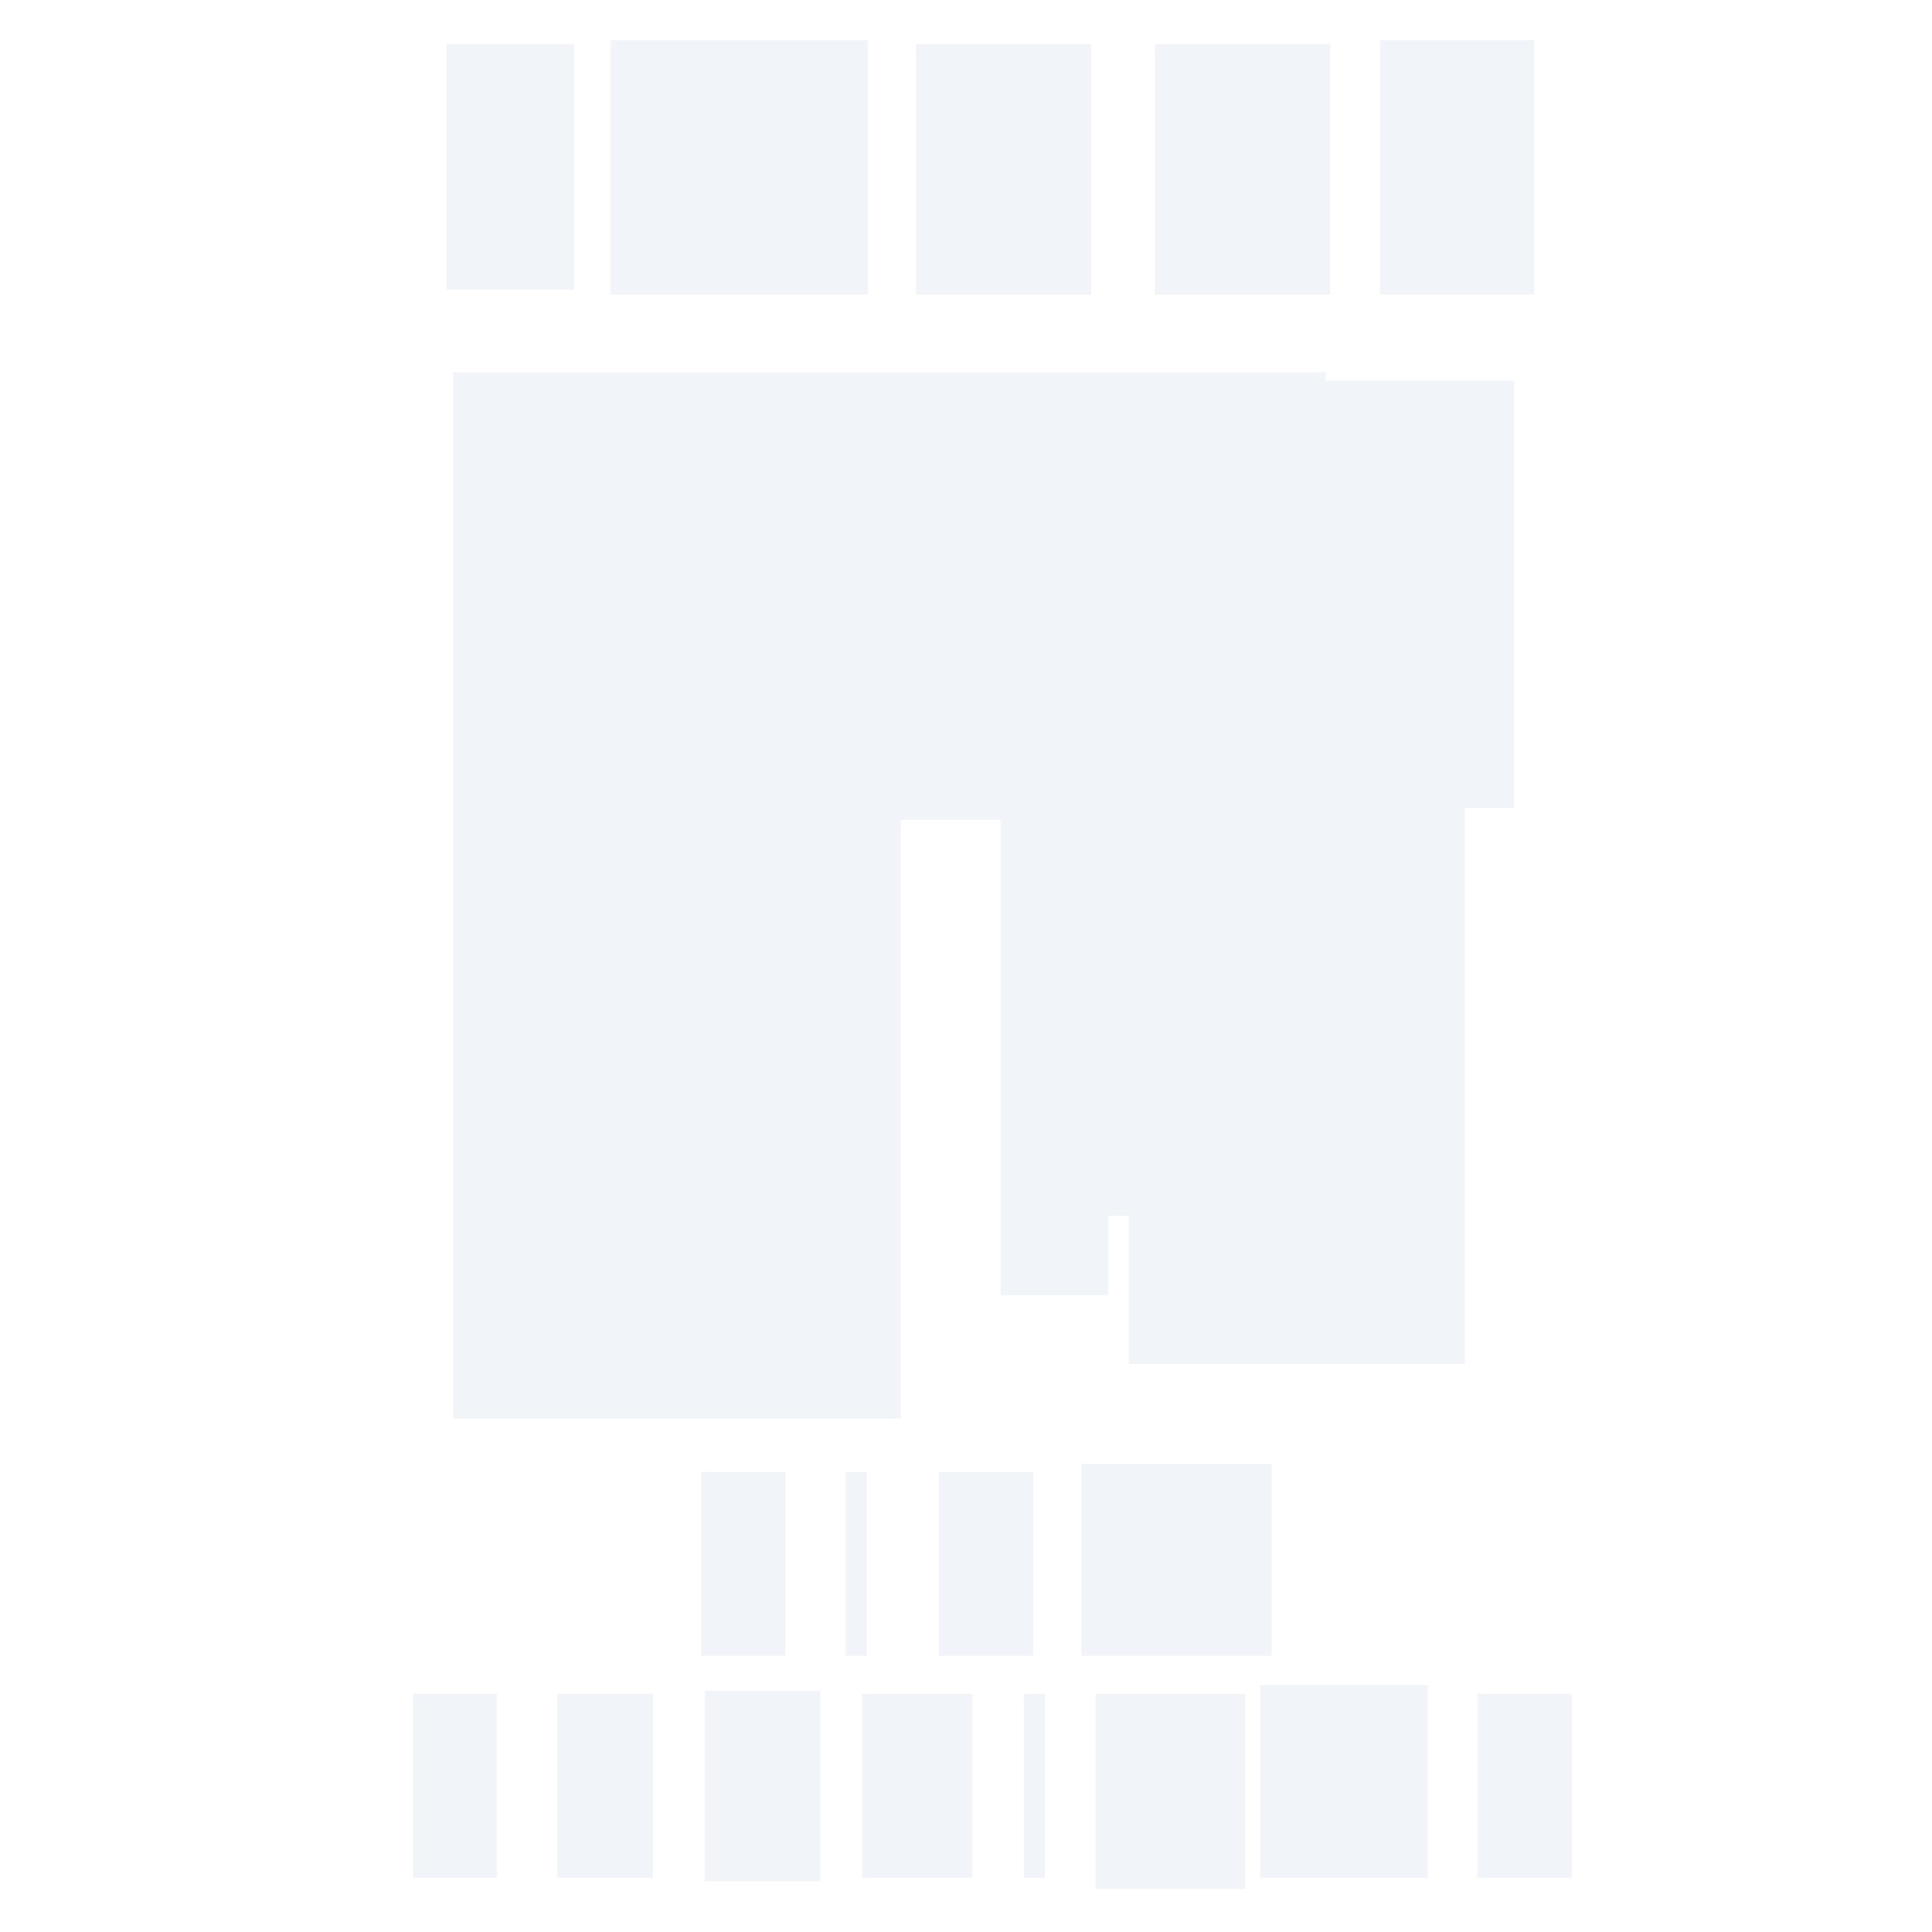 Equus Film Channel Film Festival Flix